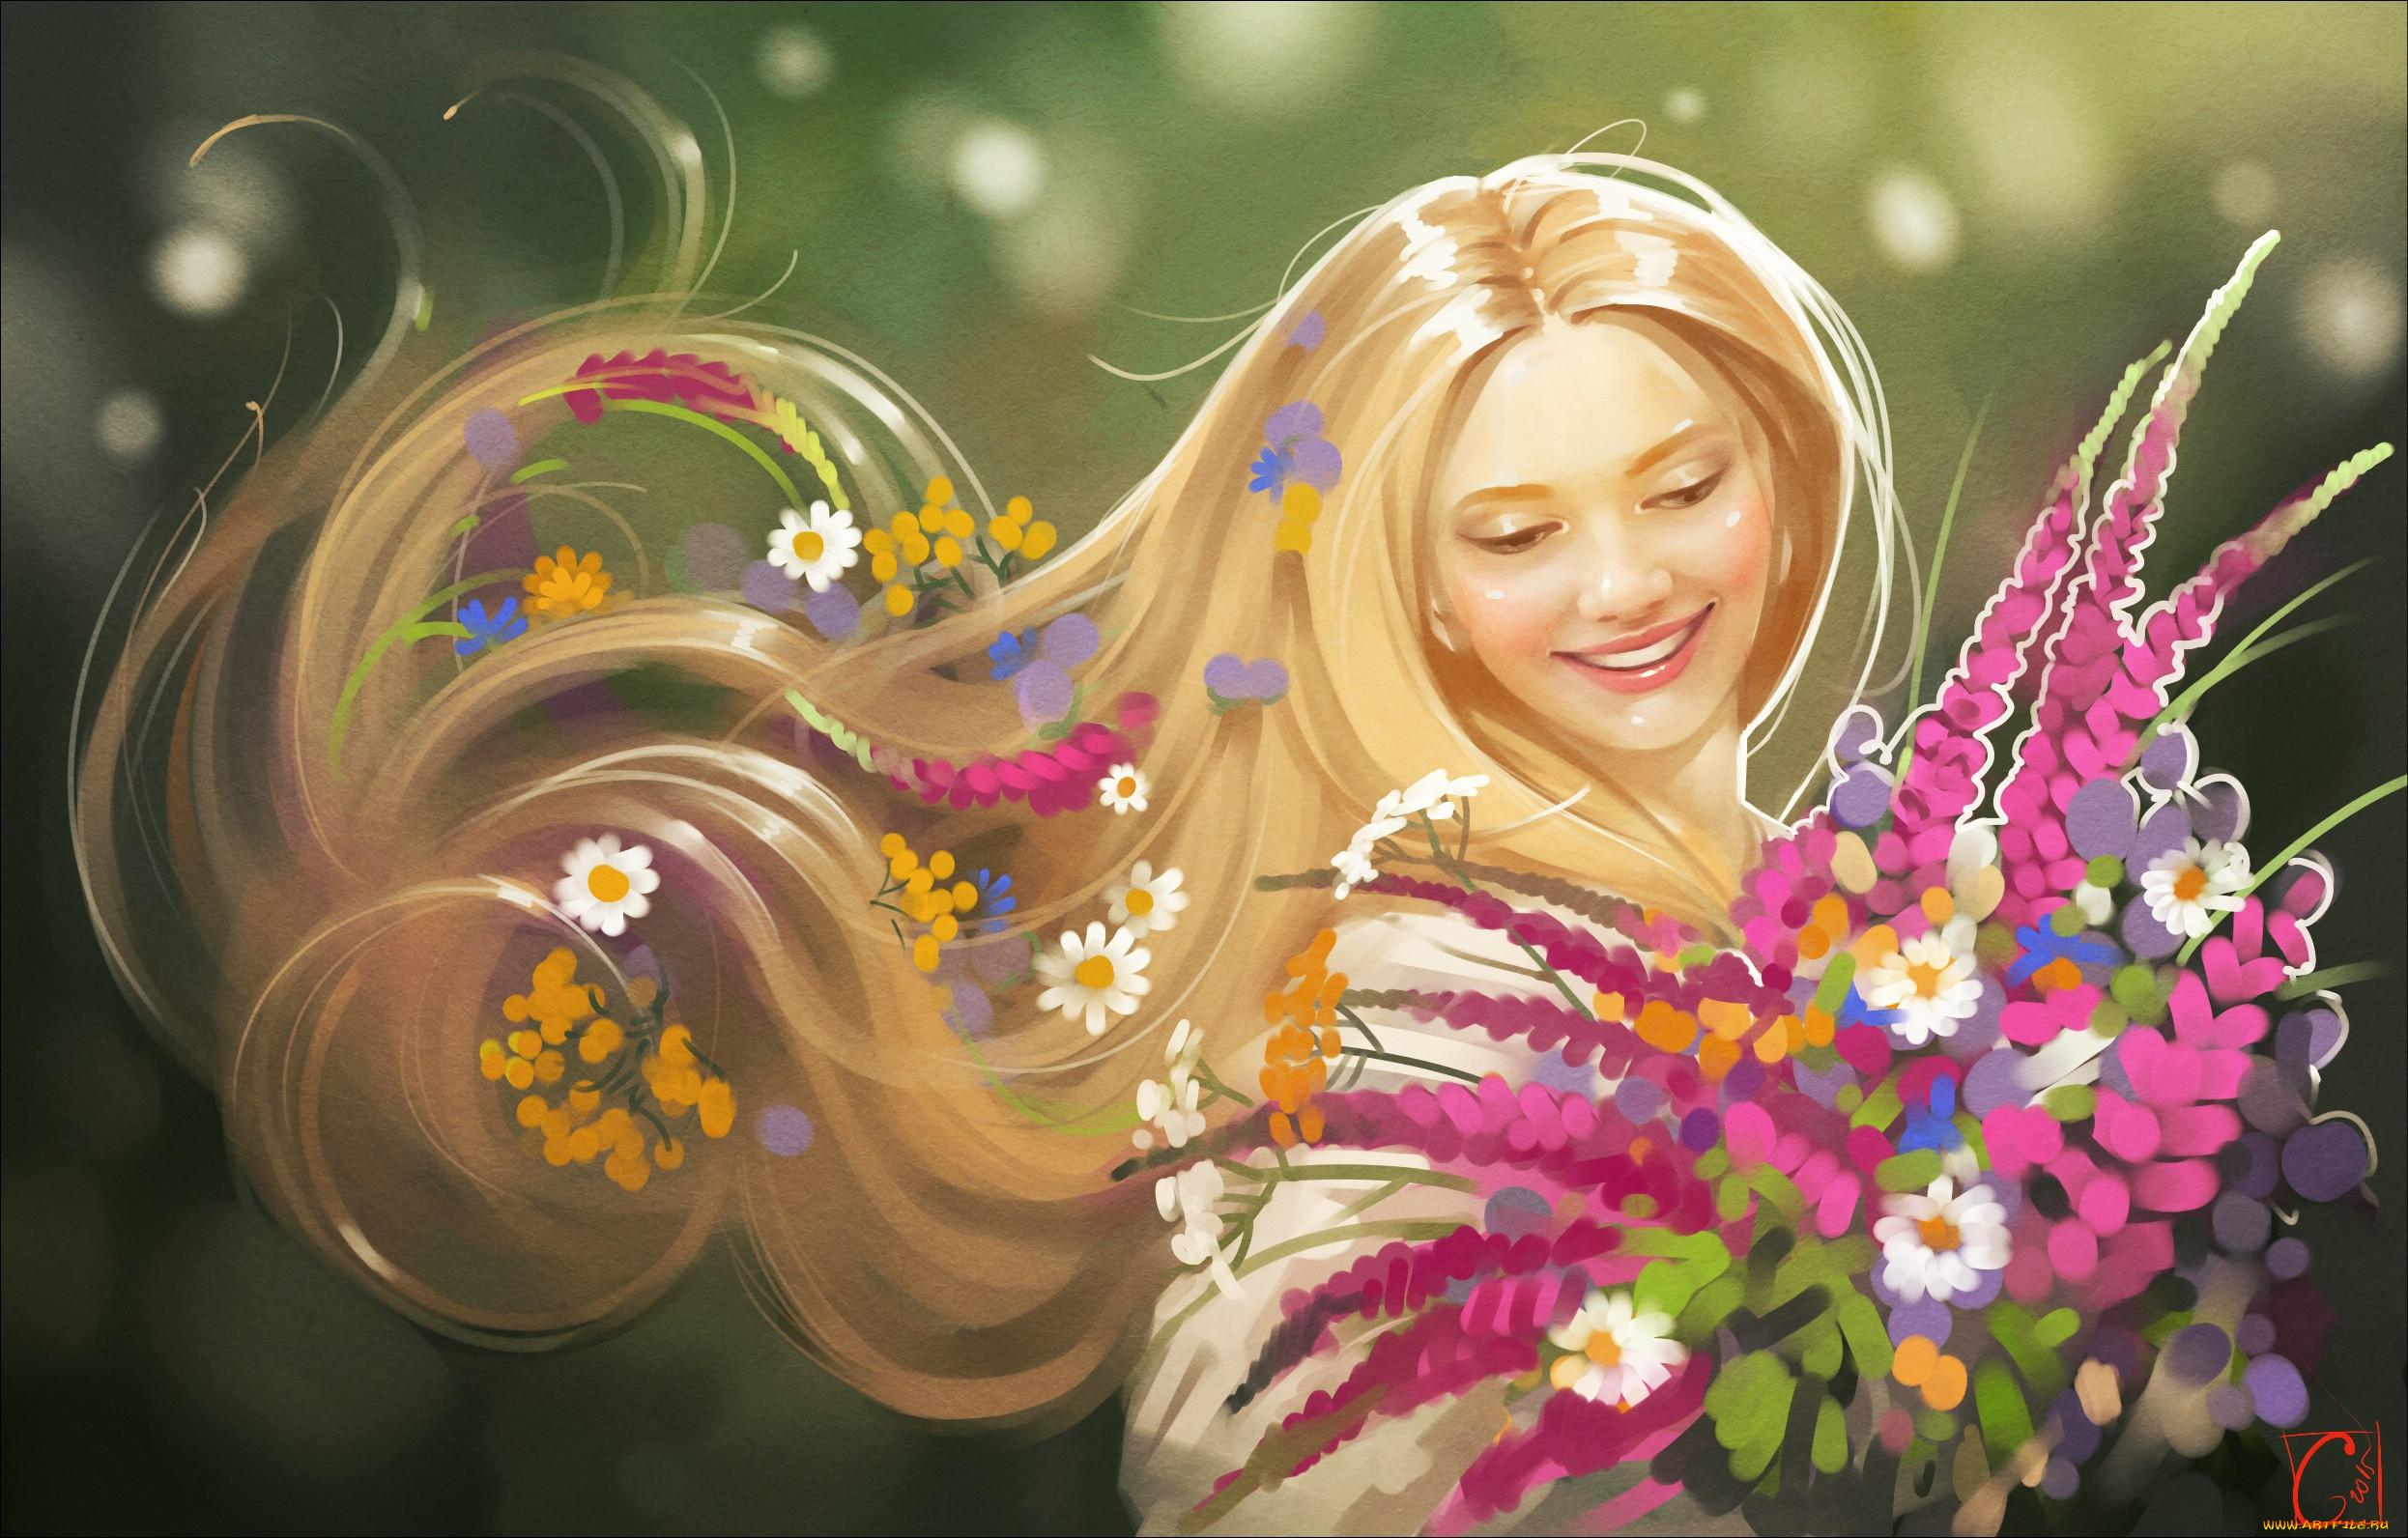 Девушка рисованная улыбка картинка